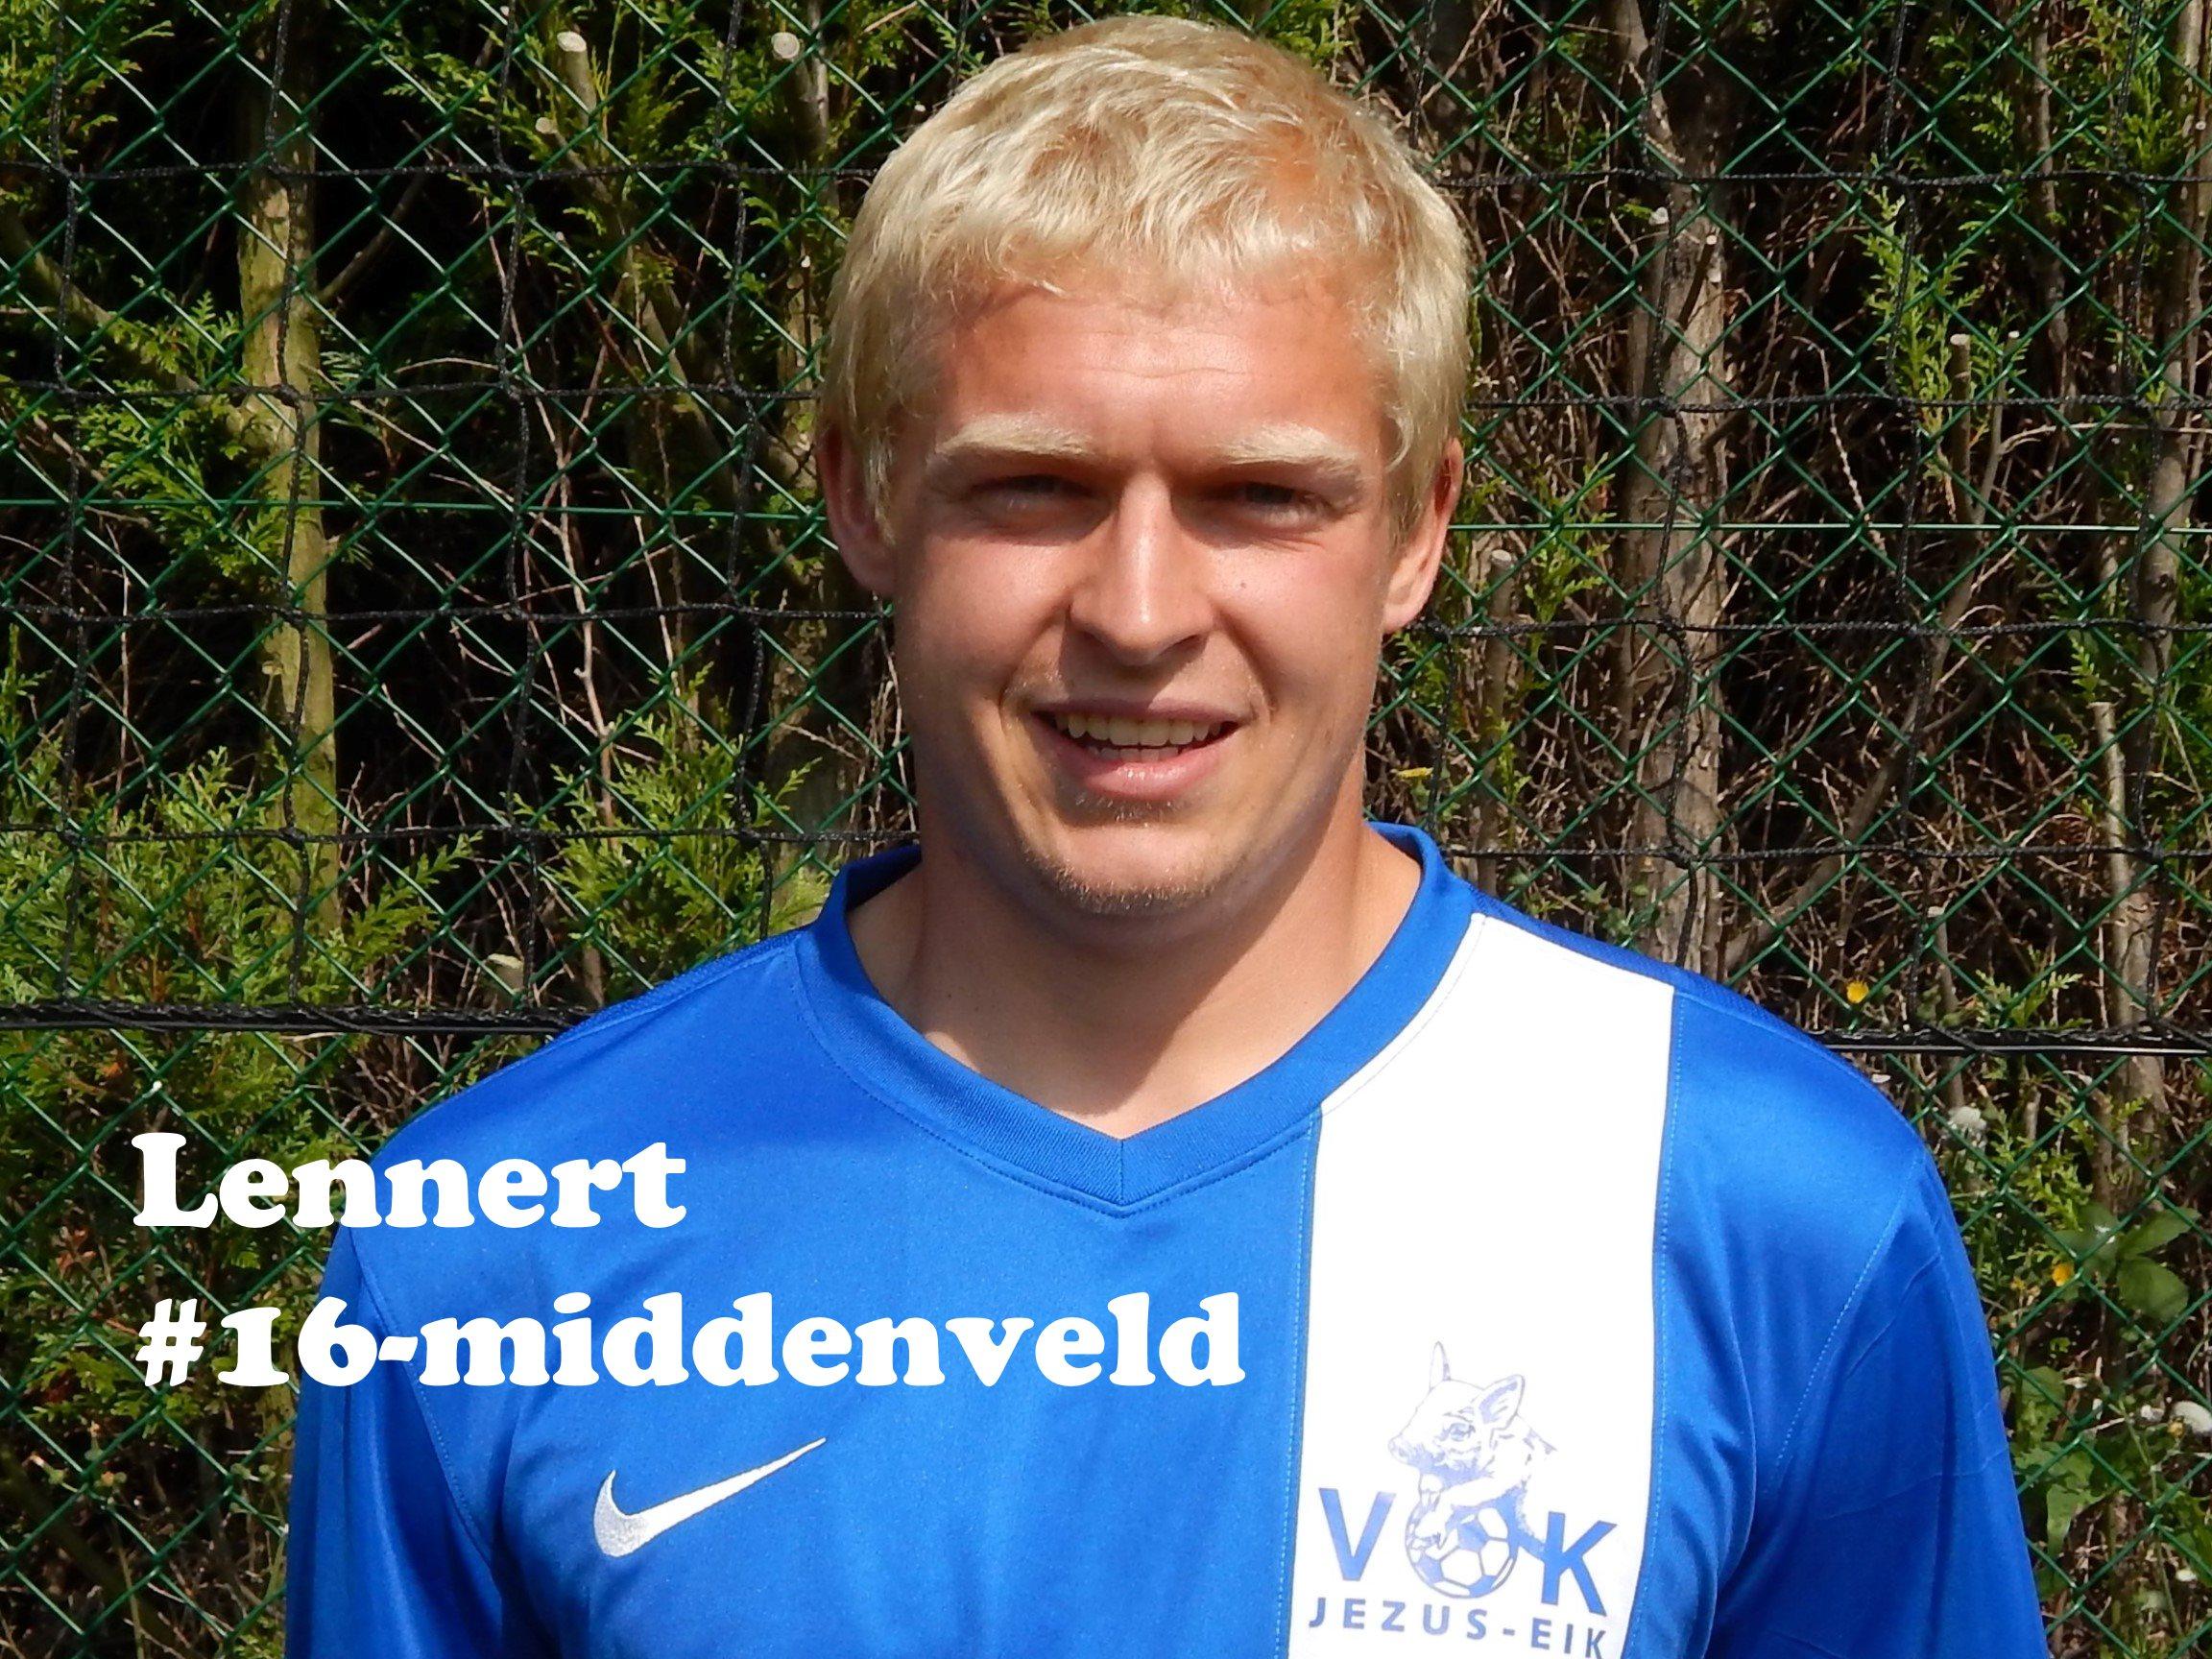 Lennert - Middenvelder - 16